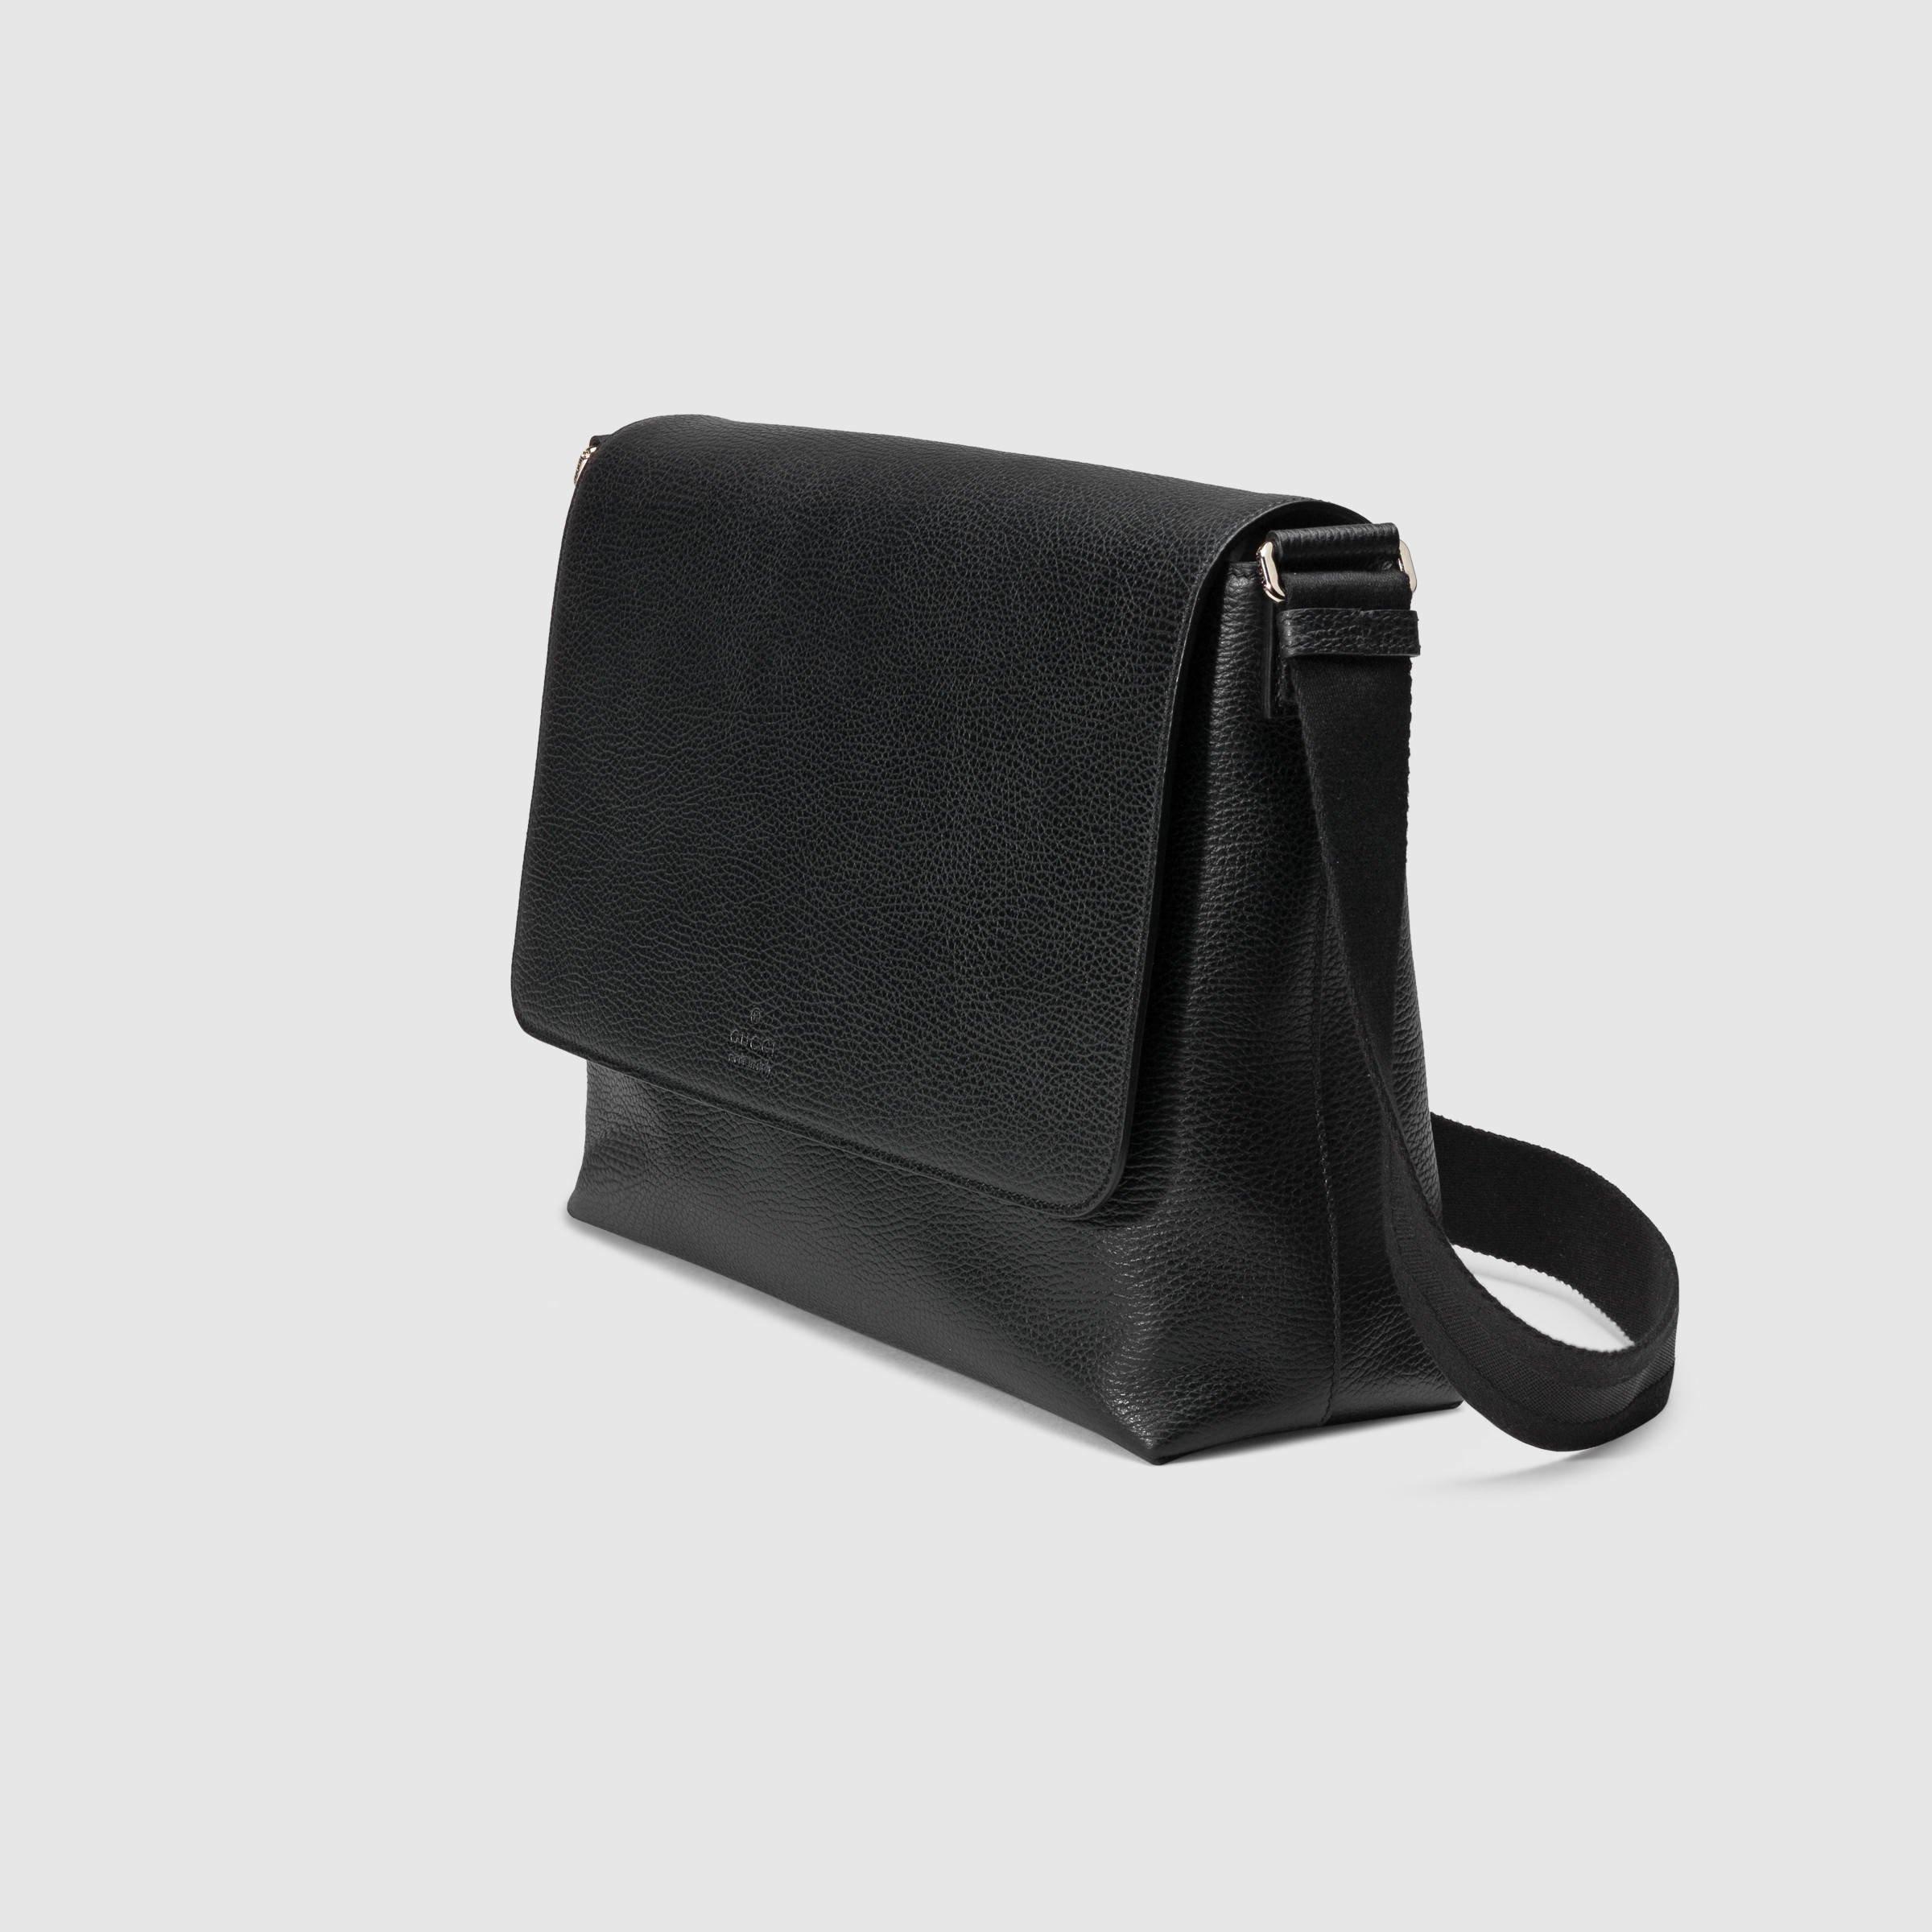 a83cd4b38 Men's Black Leather Messenger Bag